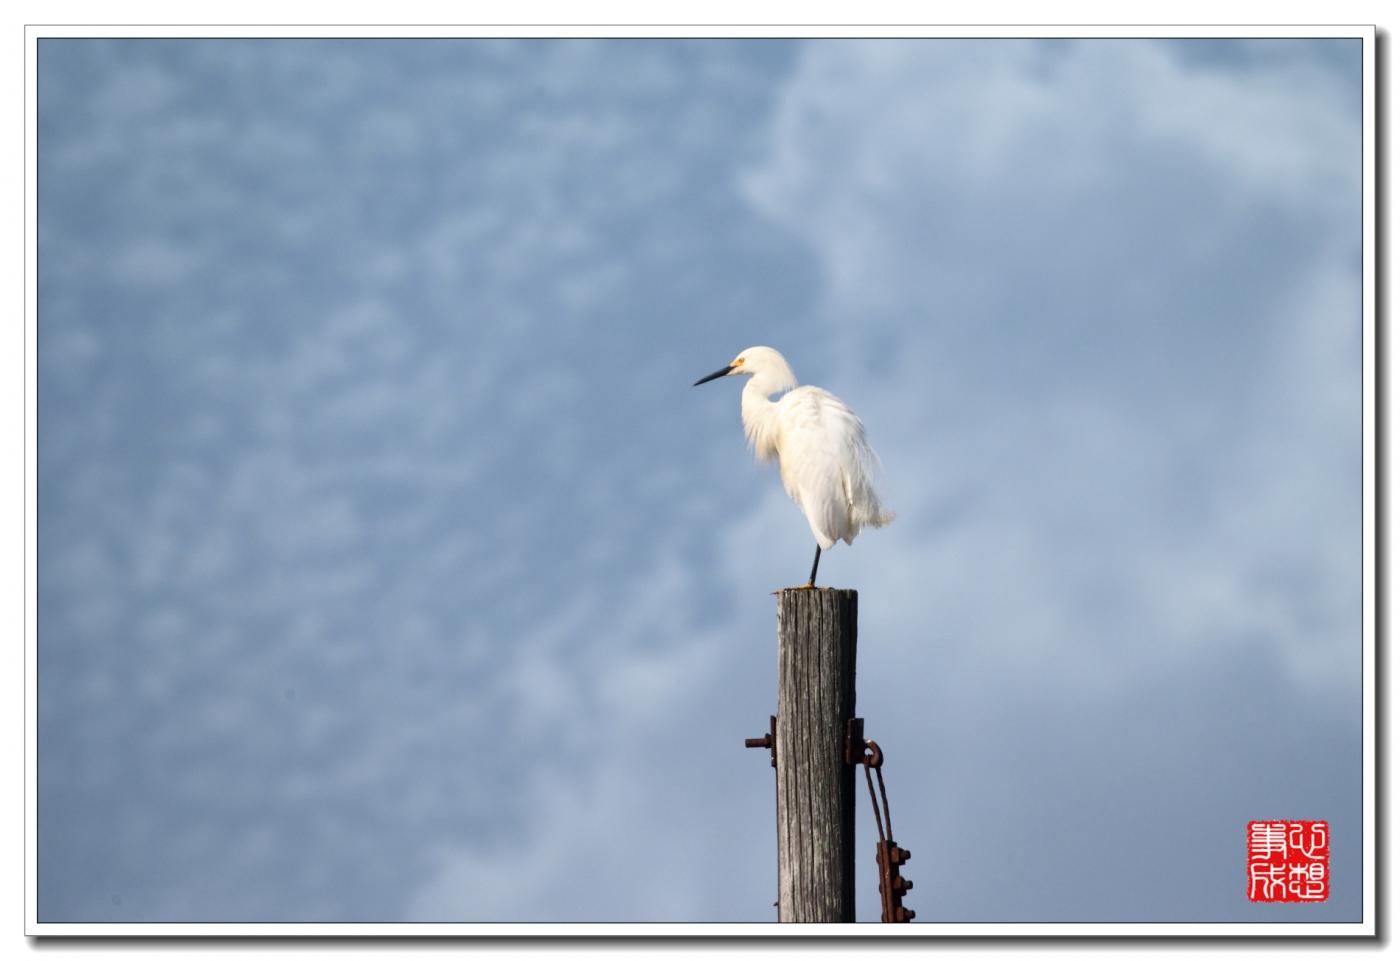 蓝天白云,白鹭悠悠